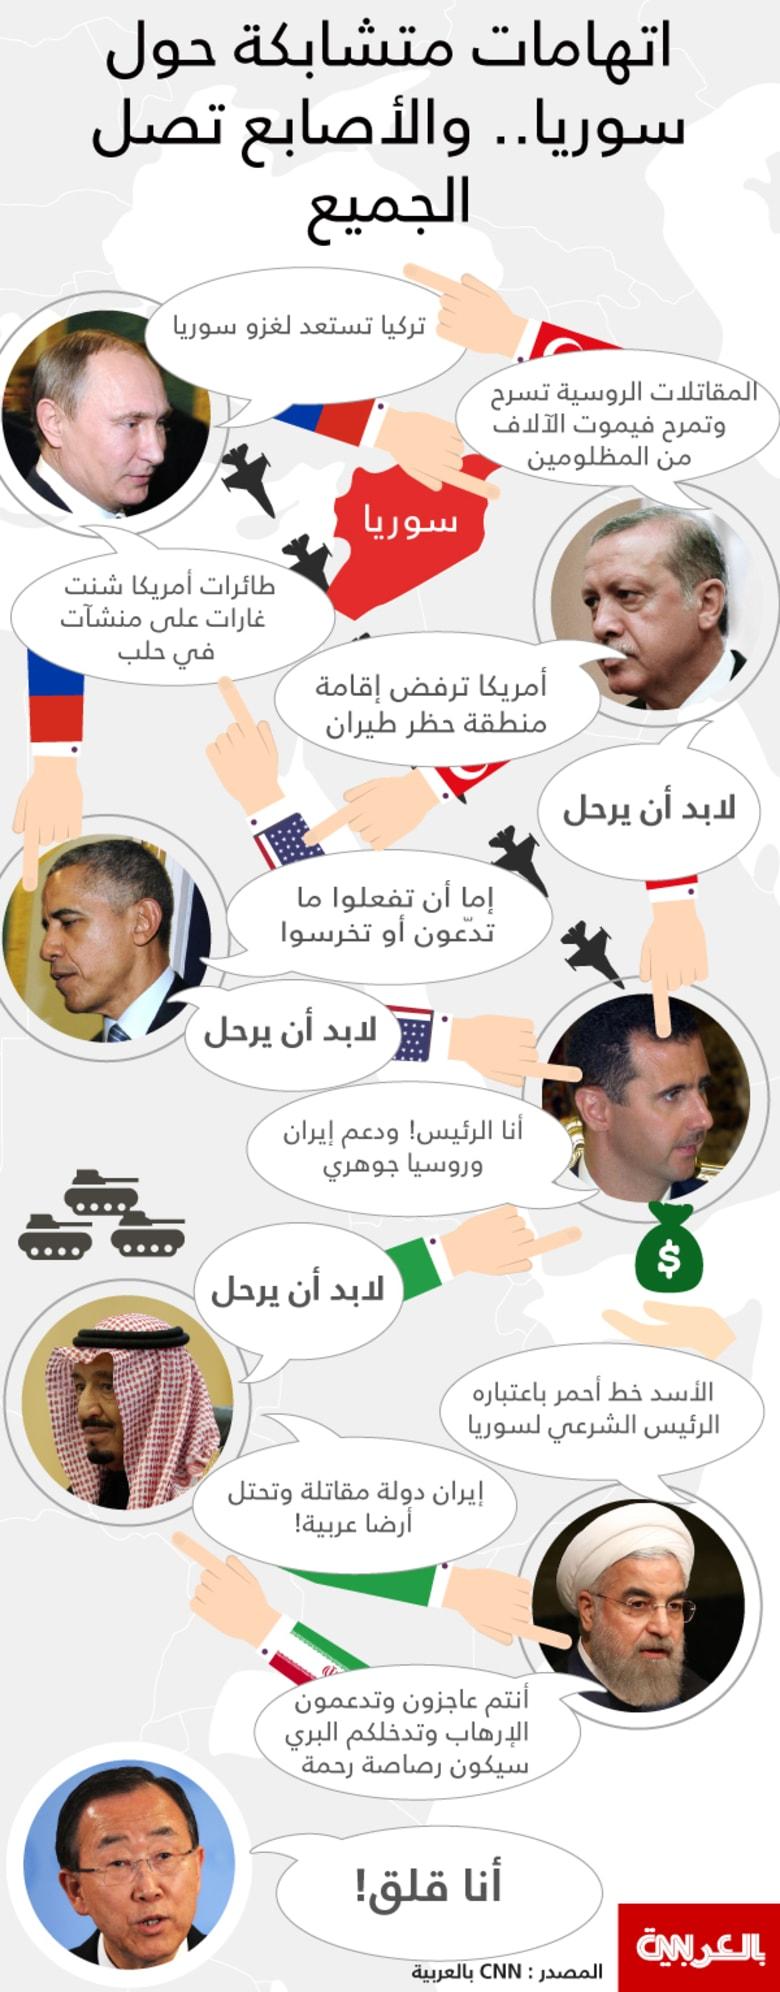 لعبة كراسي موسيقية من الاتهامات الدولية حول سوريا.. وأصابع الاتهام في كل مكان